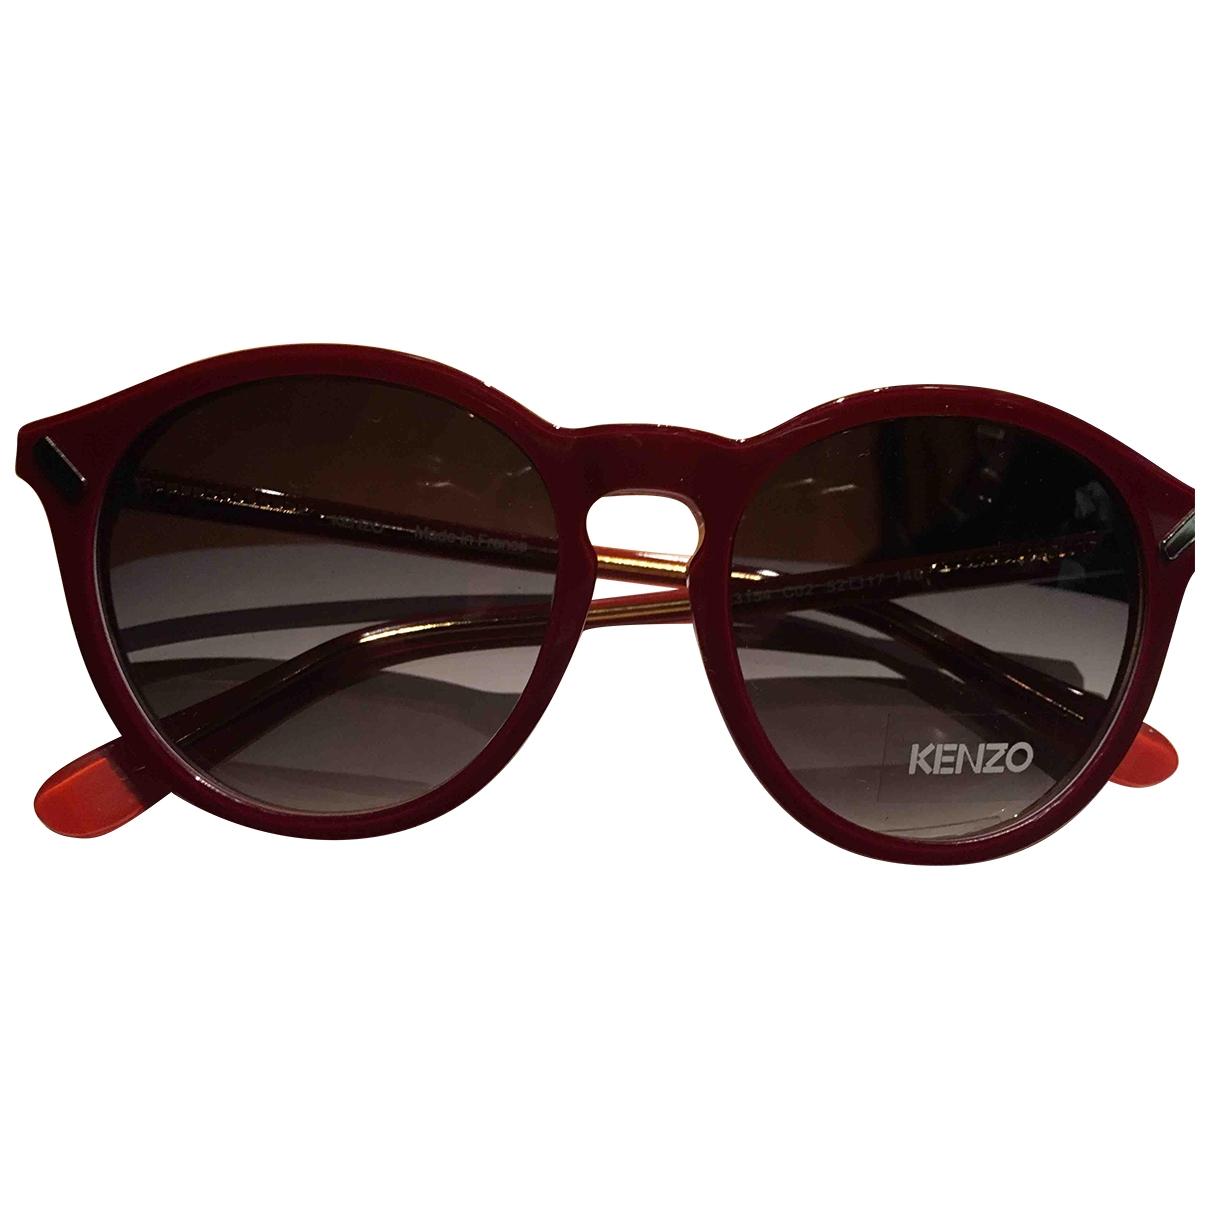 Gafas Kenzo